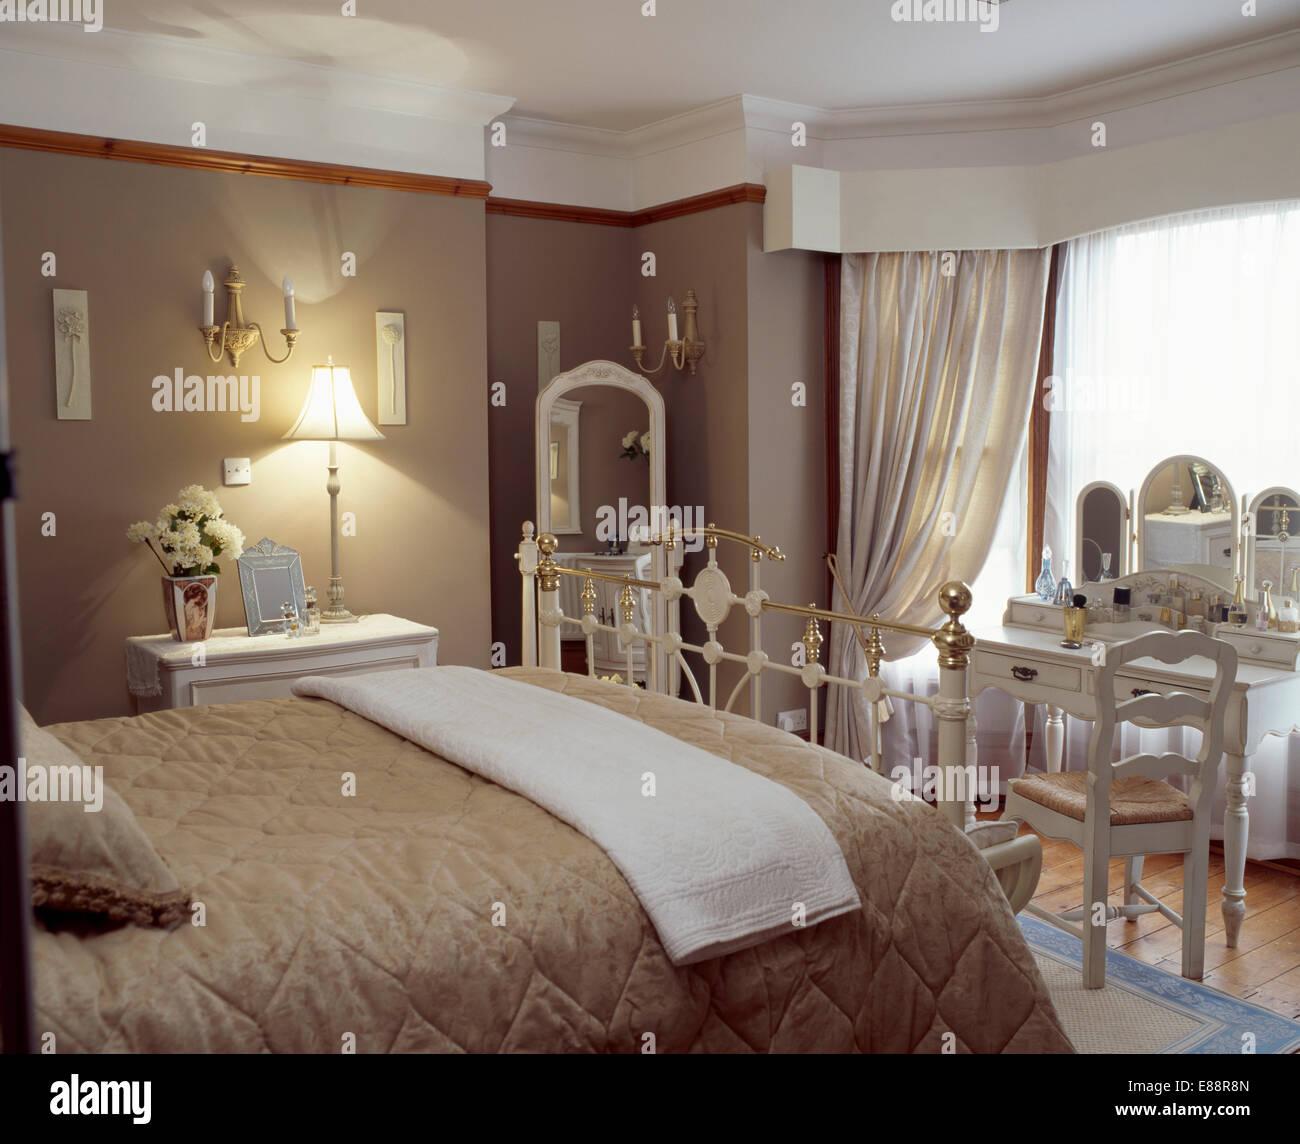 Hervorragend Dunkel Beige Und Creme Werfen Quilt Auf Messing Bett In Beige Schlafzimmer  Mit Beleuchteten Lampe Und Fenster Mit Cremefarbenen Vorhängen